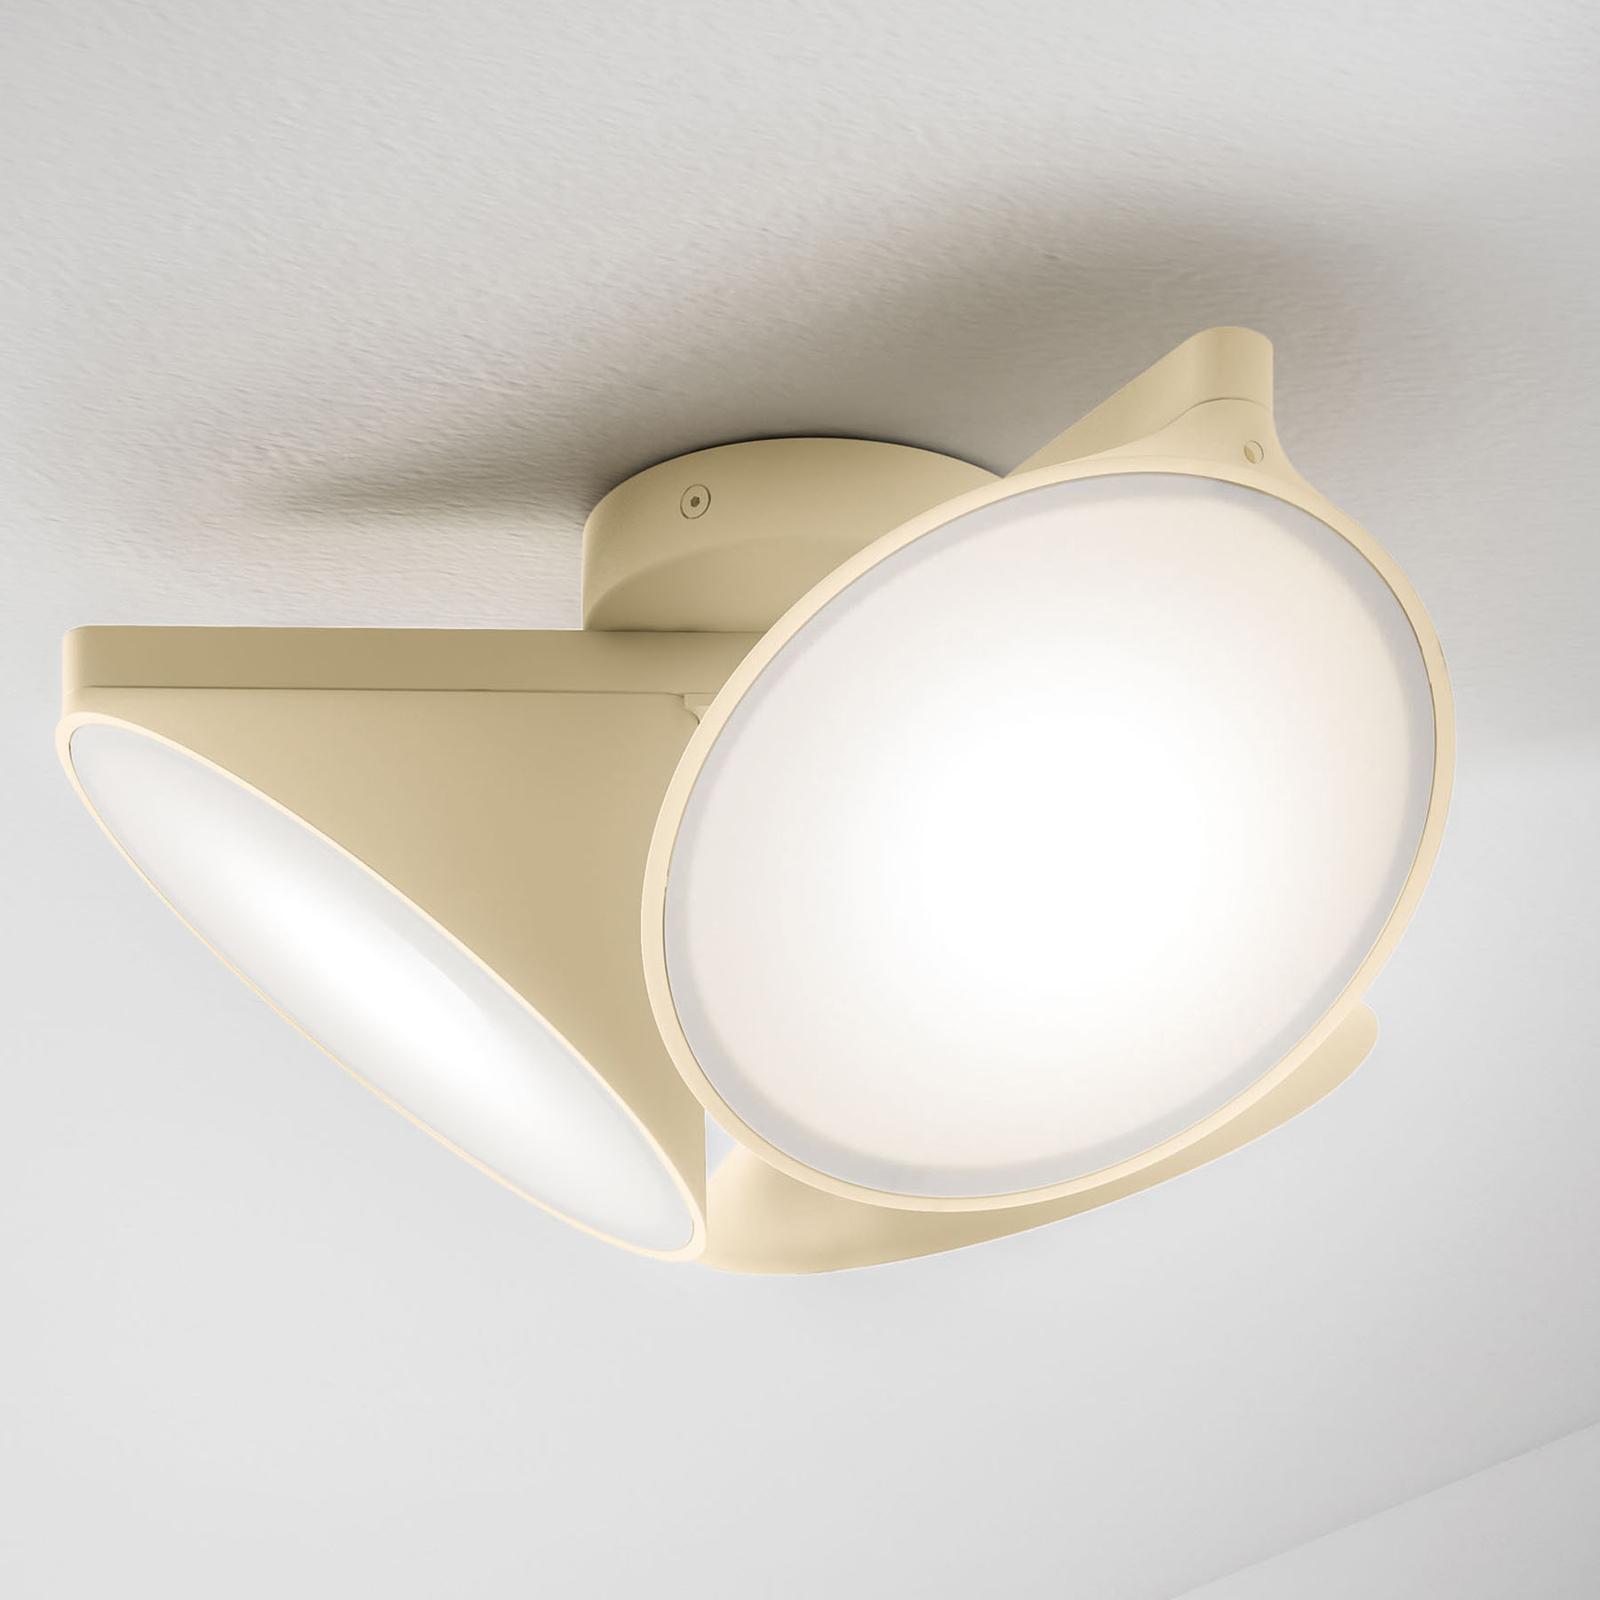 Axolight Orchid lampa sufitowa LED, piaskowa